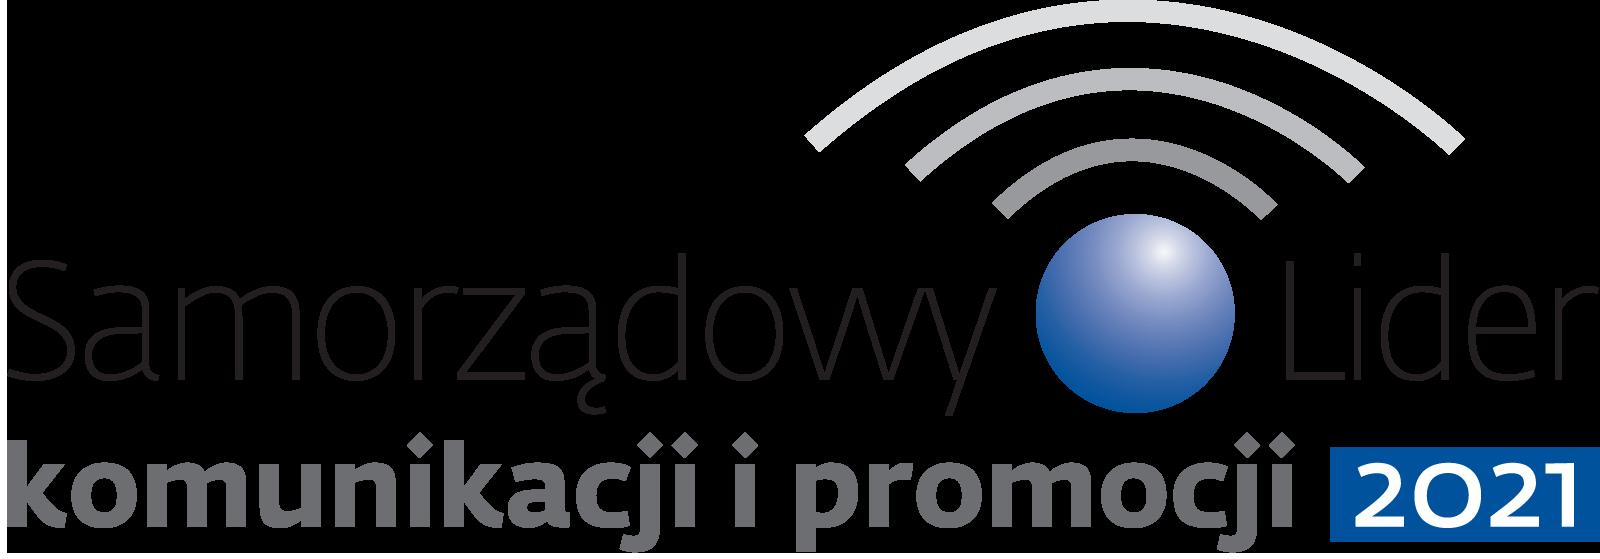 Samorządowy-Lider-Komunikacji-i-promocji_2021_v1